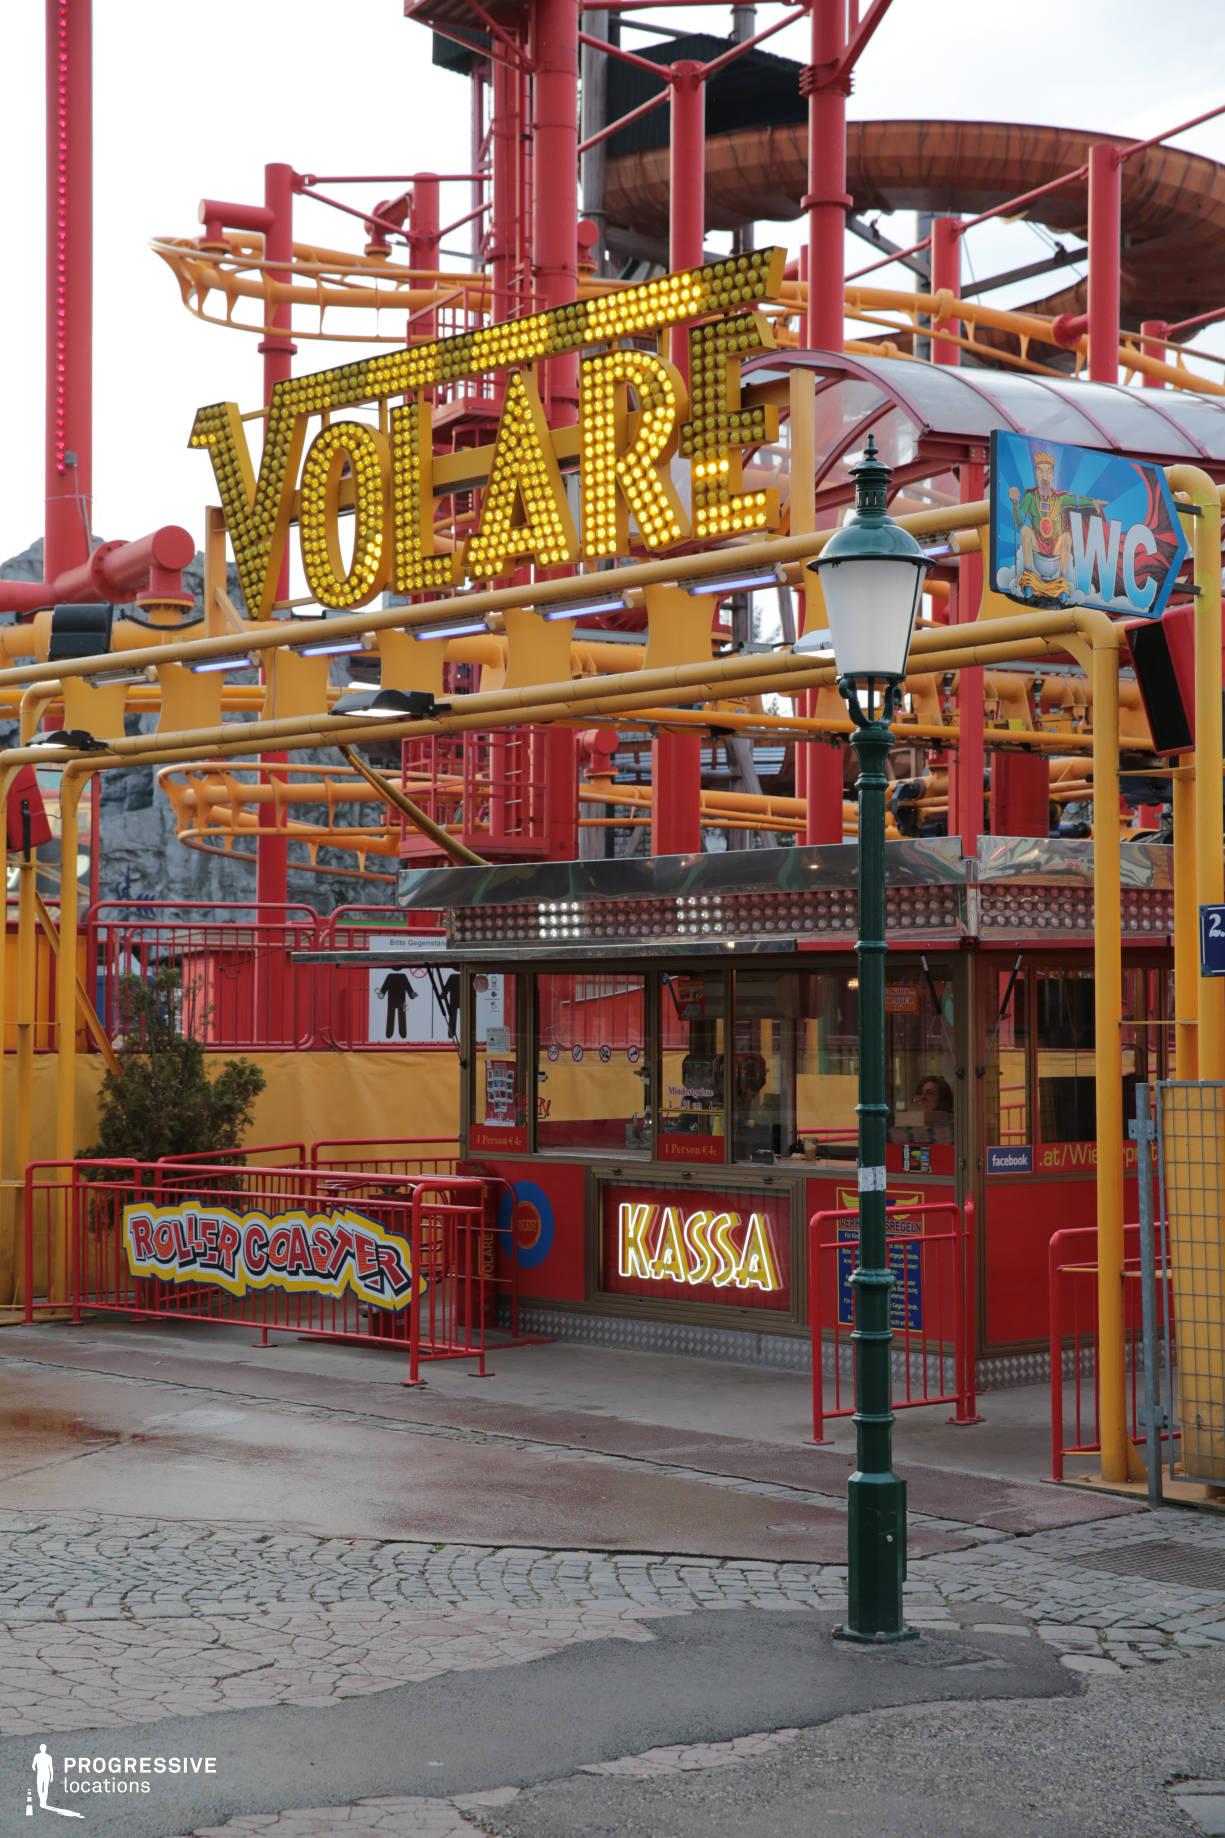 Locations in Austria: Roller Coaster Cassa, Amusement Park